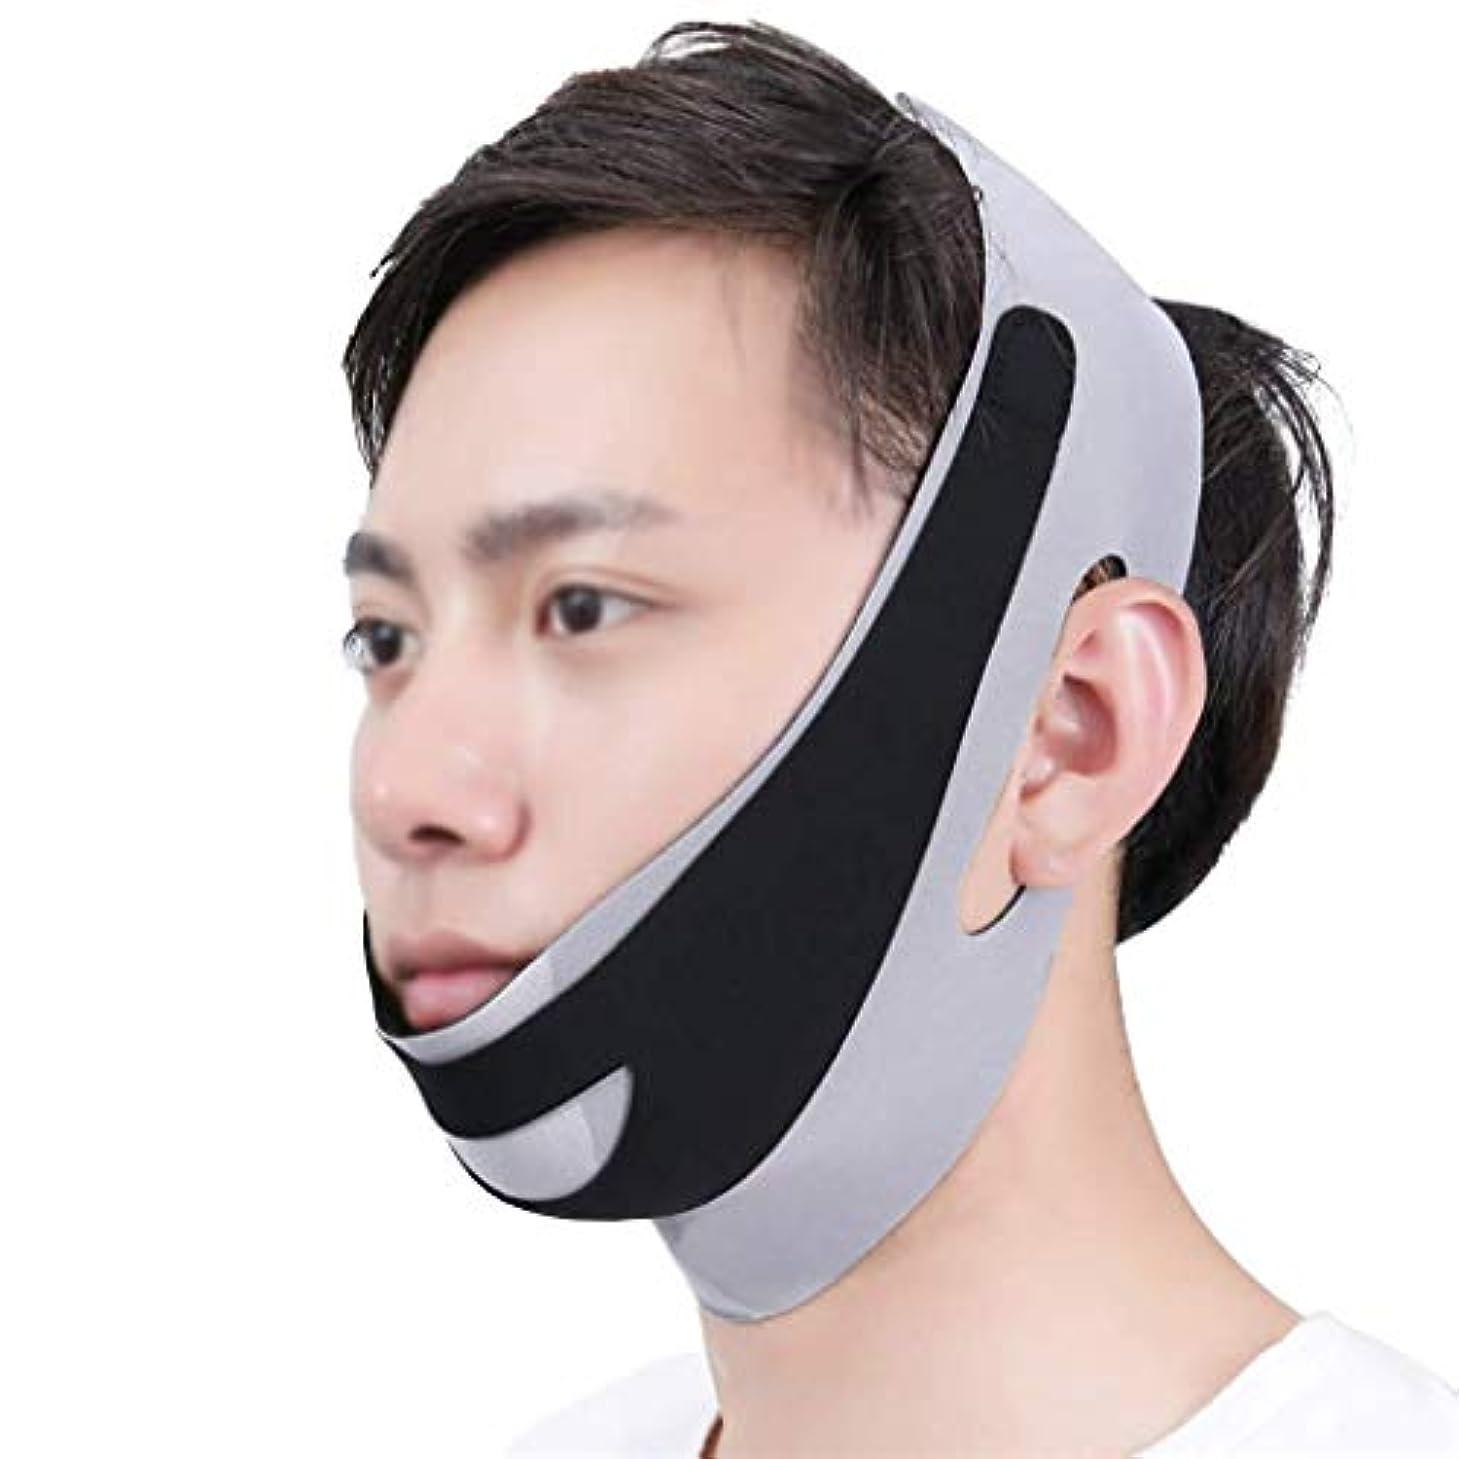 芽常習的マトリックス顔と首のリフト術後の弾性フェイスマスク小さなV顔アーティファクト薄い顔包帯アーティファクトV顔ぶら下げ耳リフティング引き締め男性の顔アーティファクト